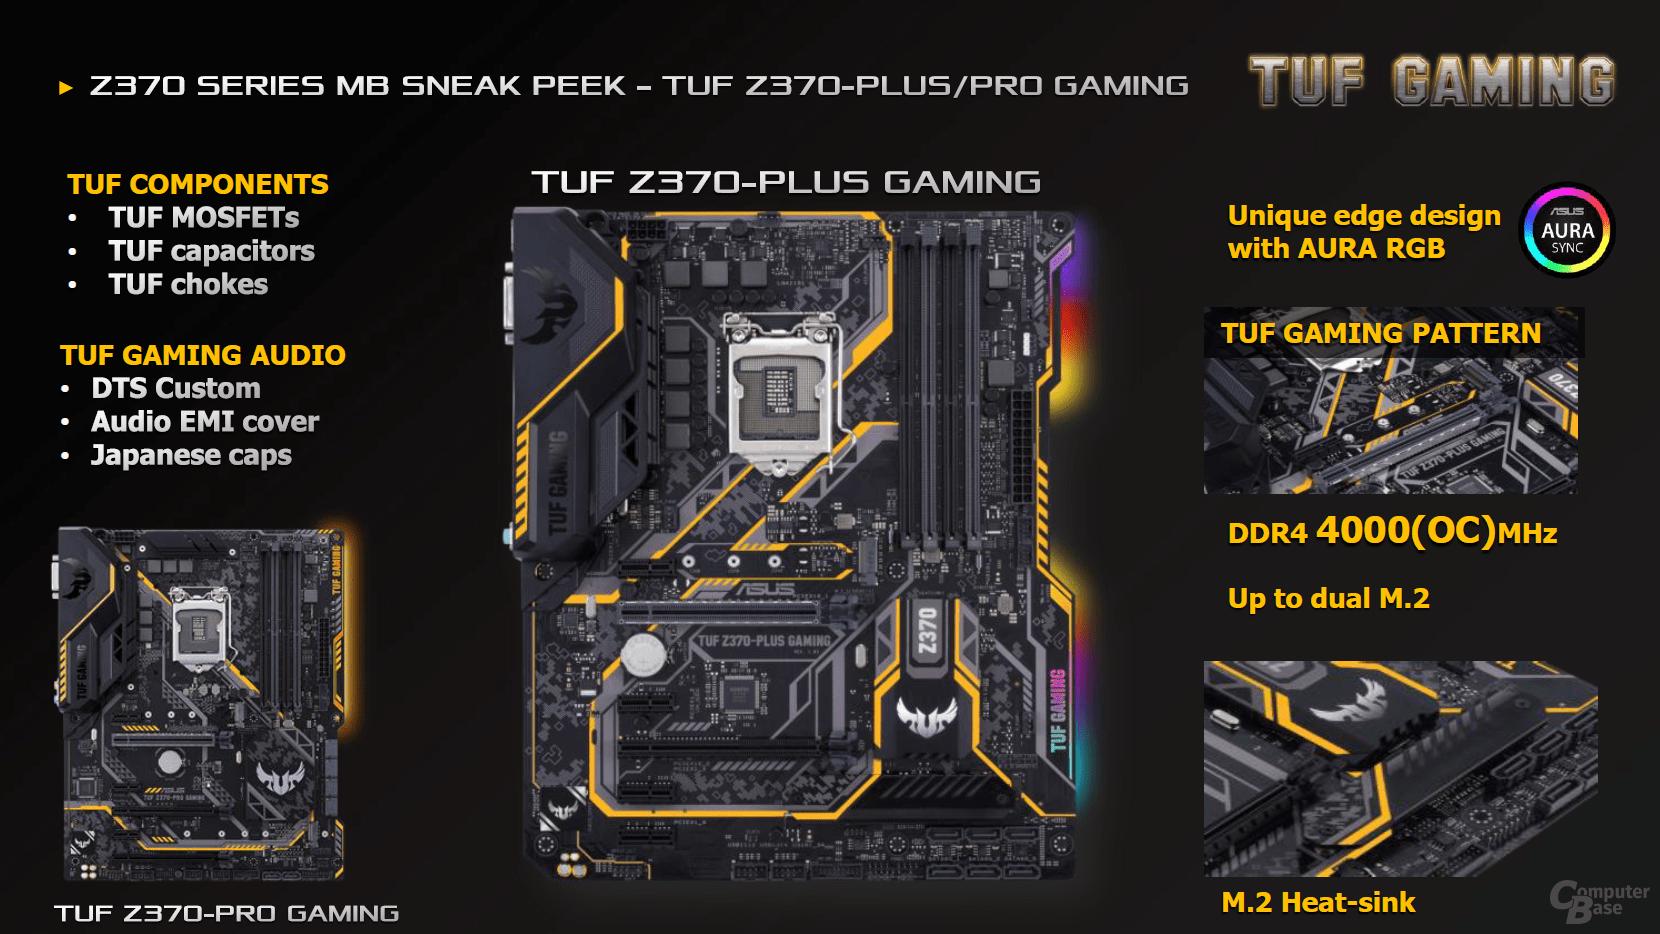 Asus TUF Z370-Pro/Plus Gaming